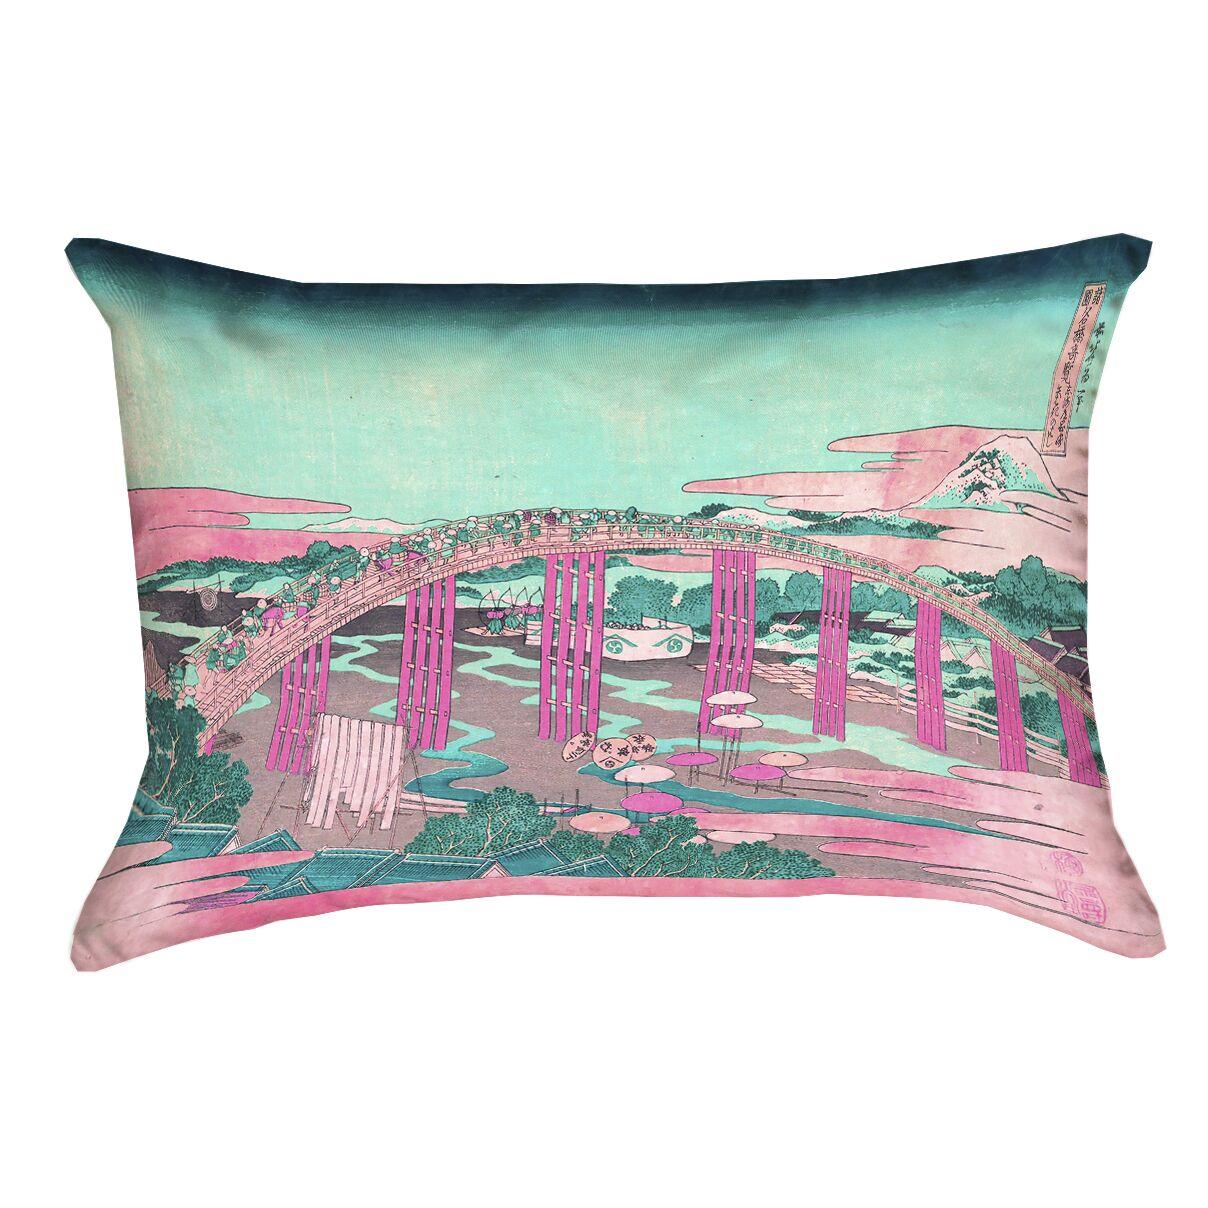 Enya Japanese Bridge Outdoor Lumbar Pillow Color: Pink/Teal